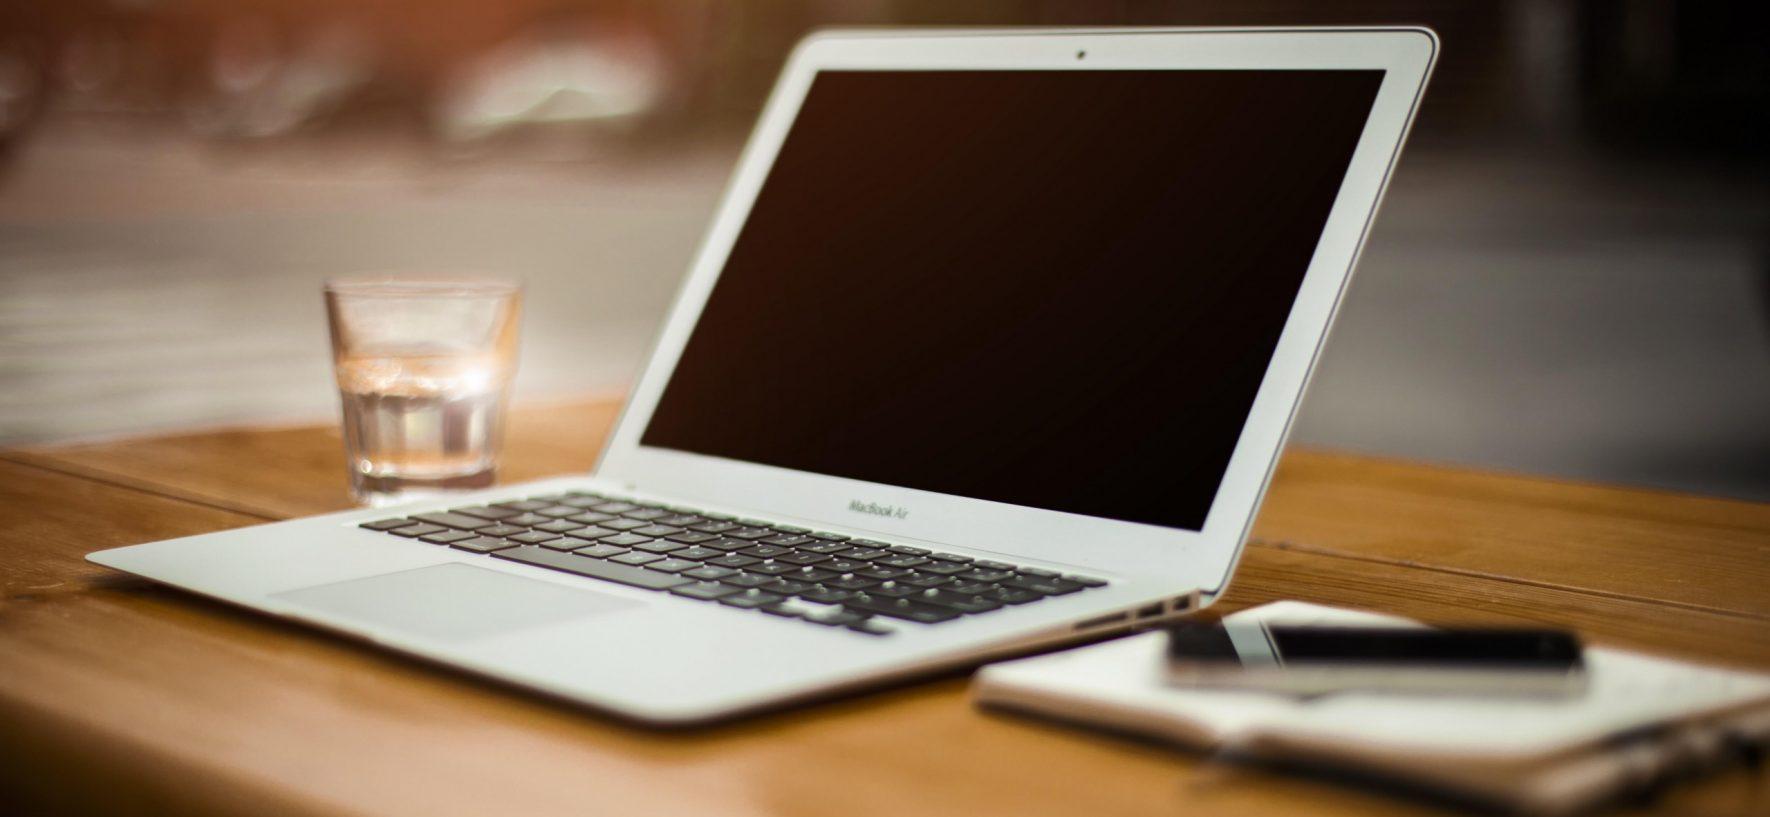 Home Office com Mindset de Trabalho